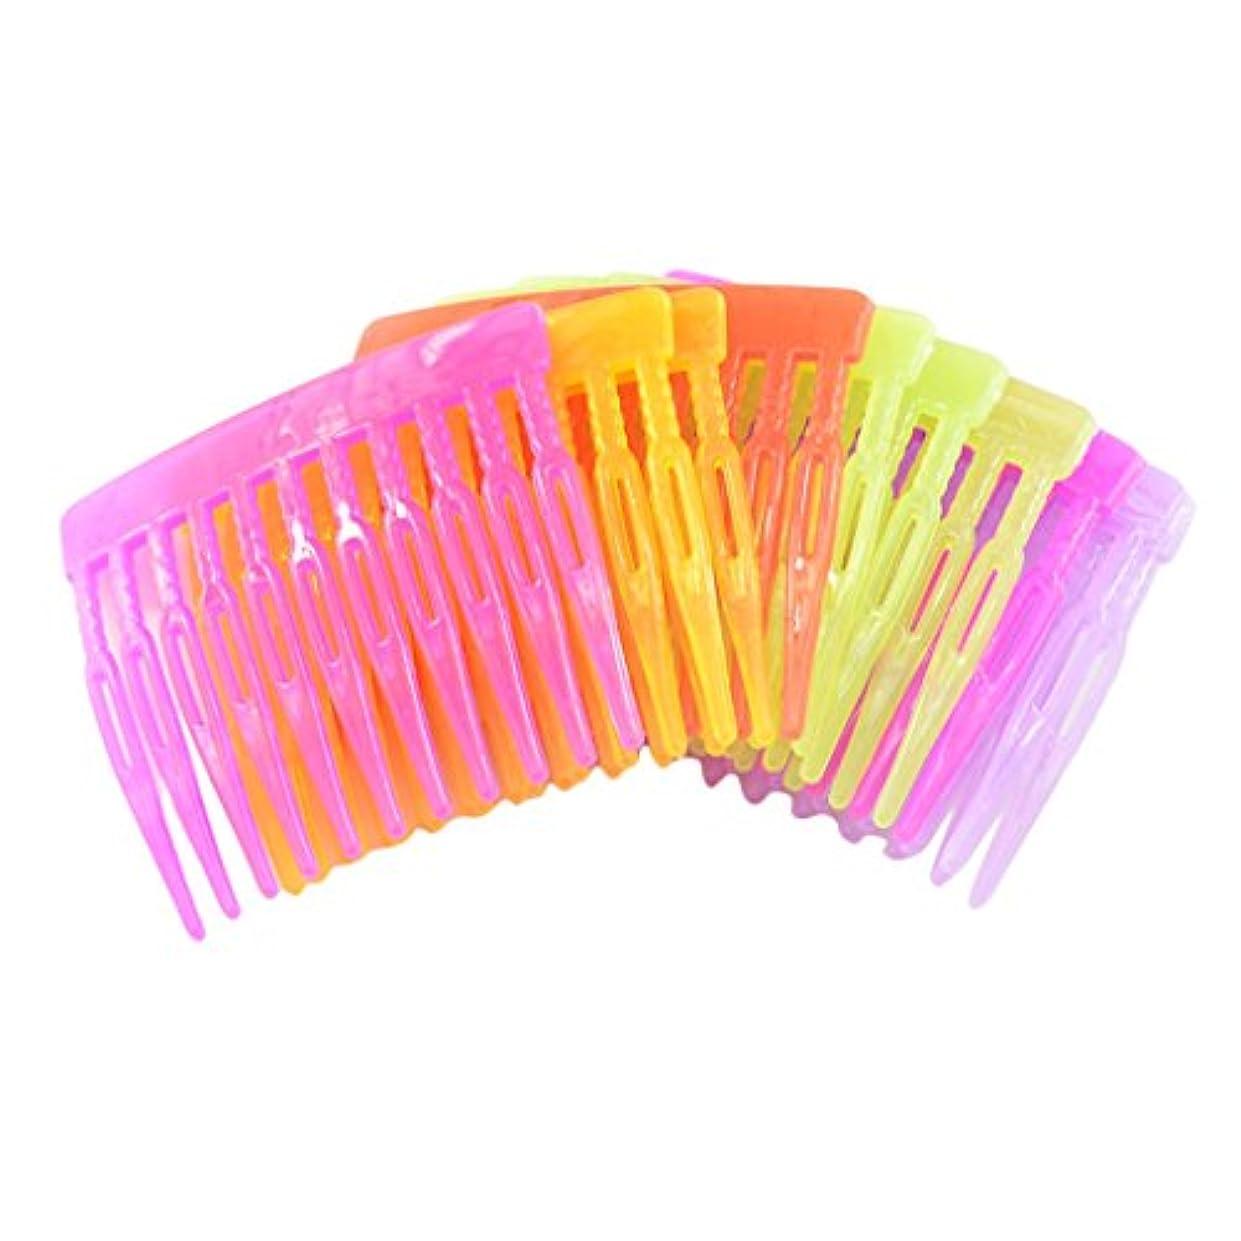 比較的ピーブ離すヘアクリップ アーチ型 23歯 混合色 アクセサリー 10個入り